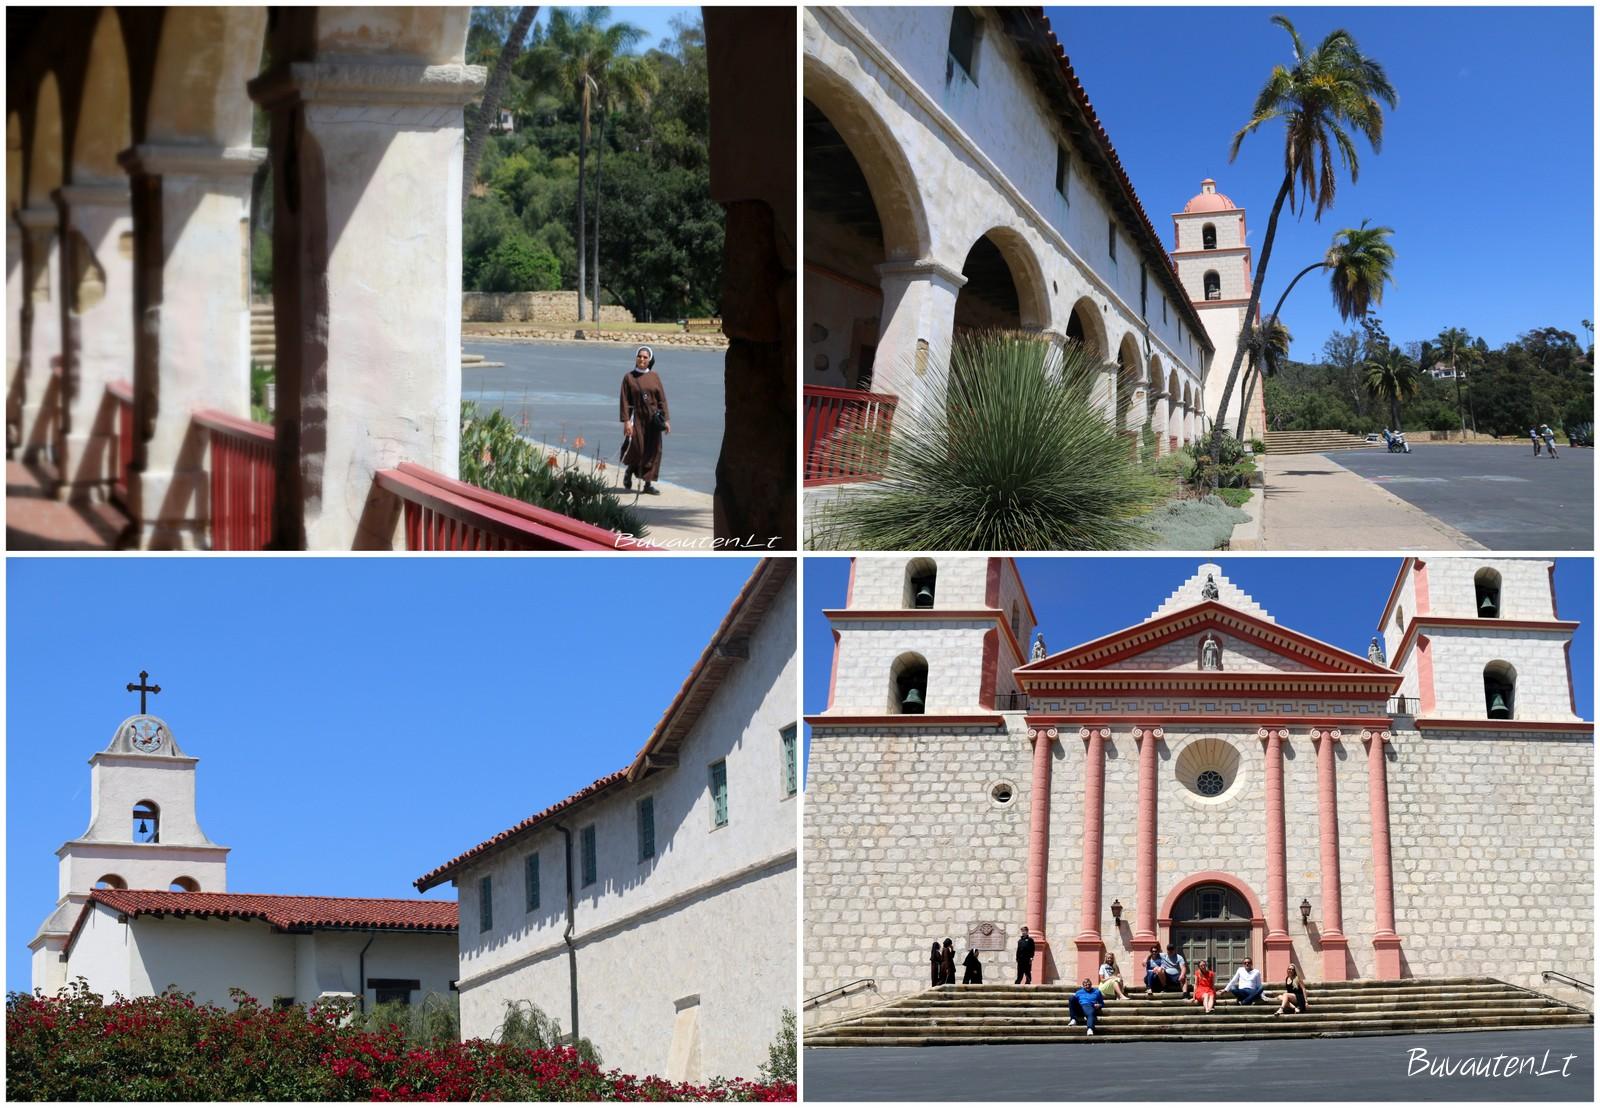 Santa Barbaros Old Mission – kultūrinis, religinis ir architektūrinis paveldas